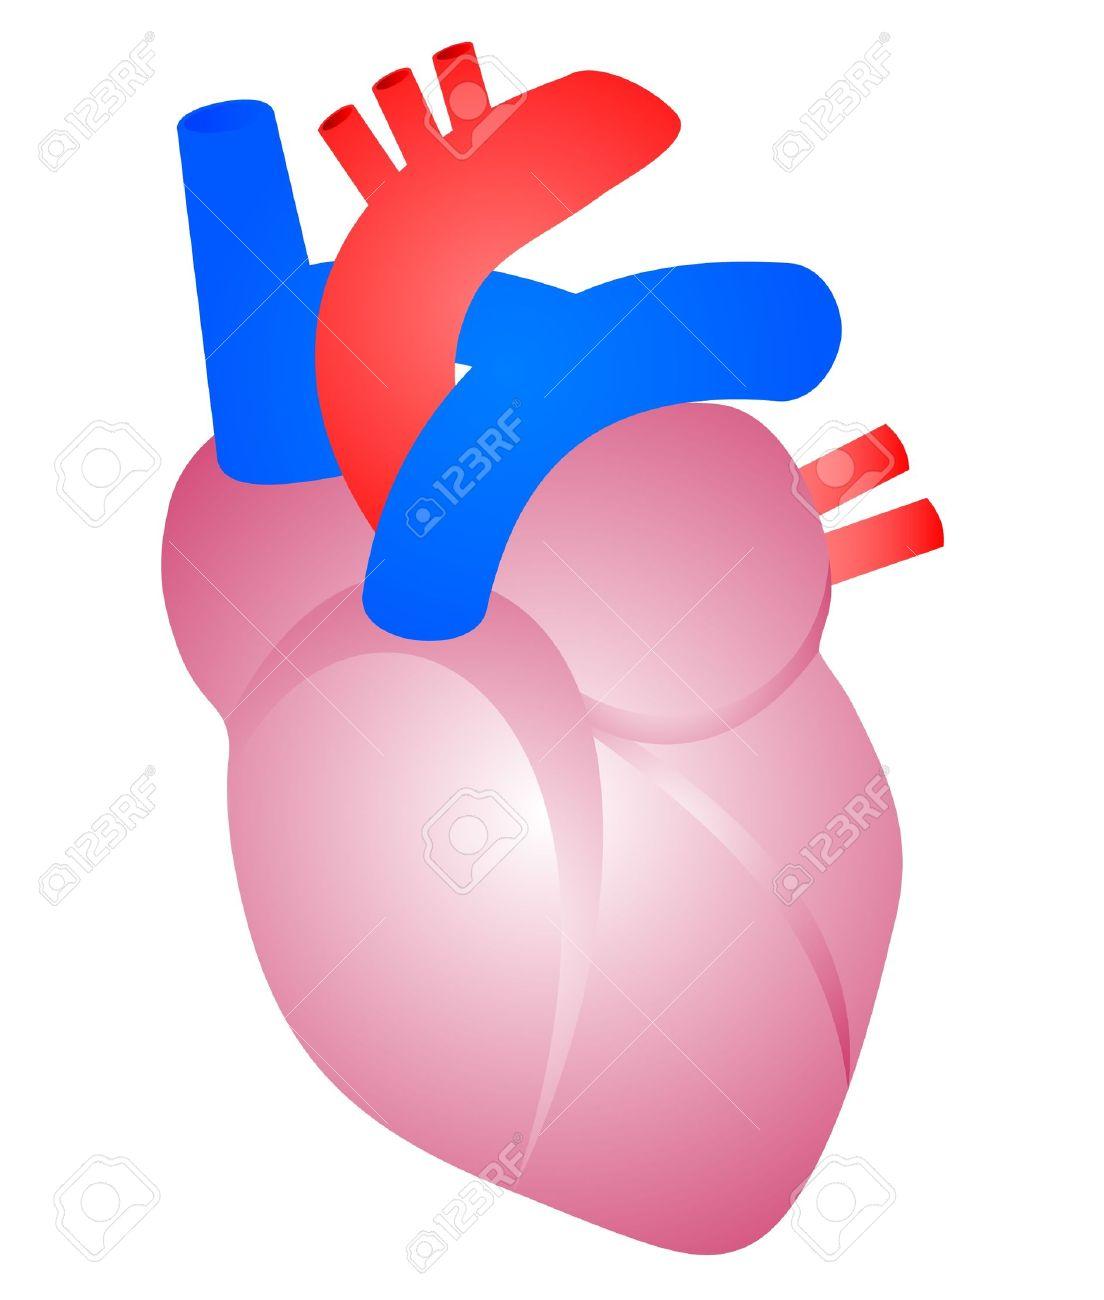 Dibujo De Un Corazón Humano Ilustraciones Vectoriales Clip Art